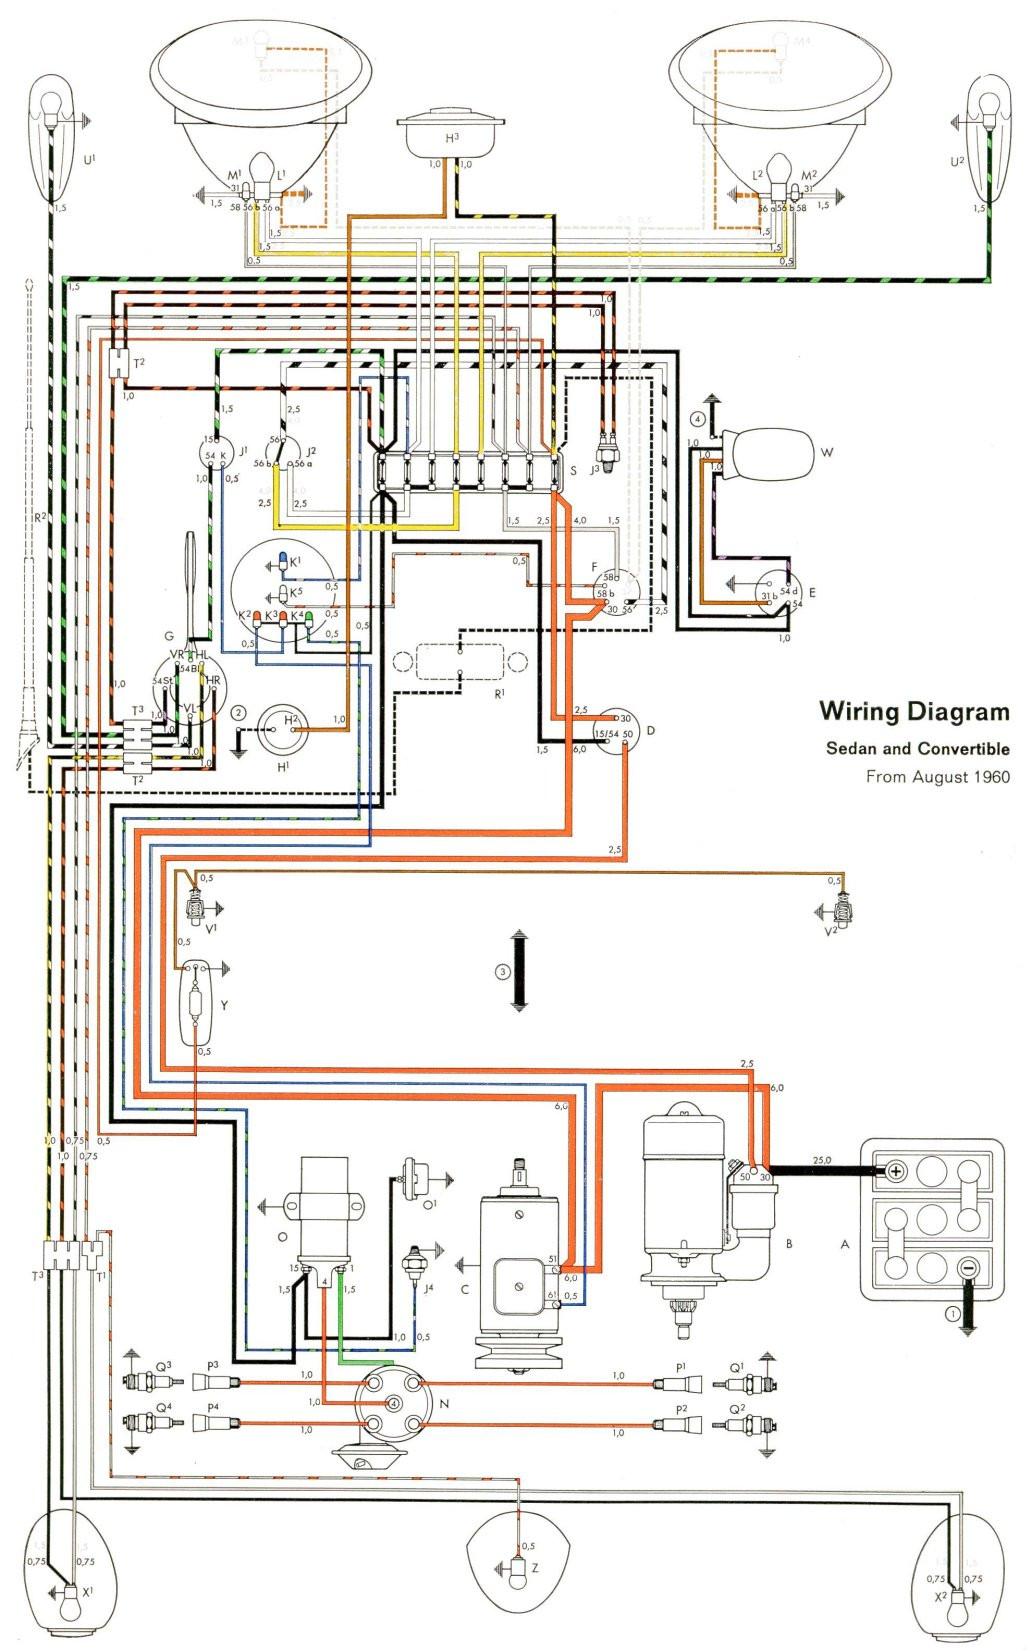 2000 Beetle Wiring Diagram thesamba.com :: Type 1 Wiring Diagrams Of 2000 Beetle Wiring Diagram